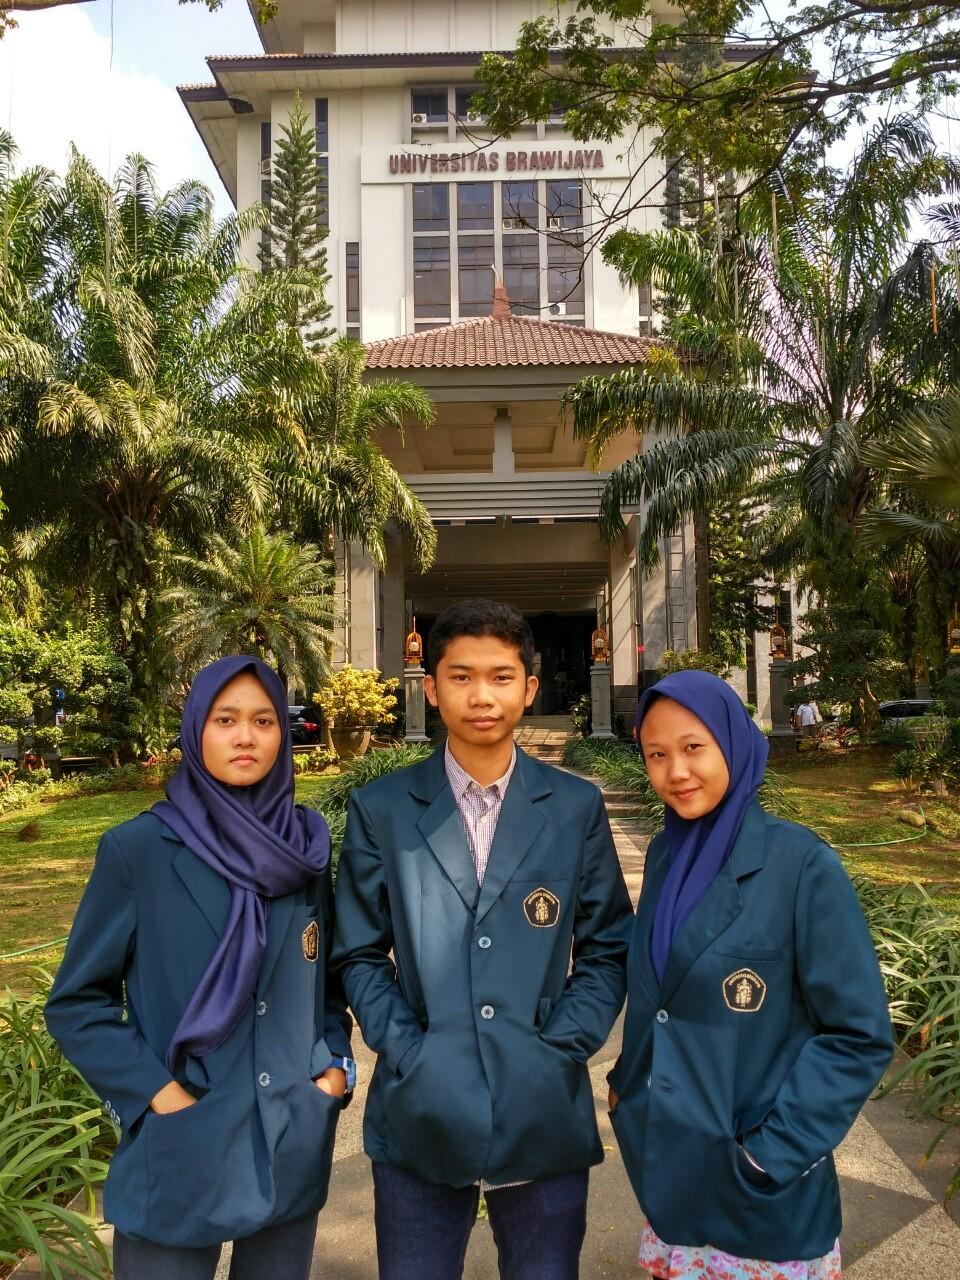 Mahasiswa Brawijaya